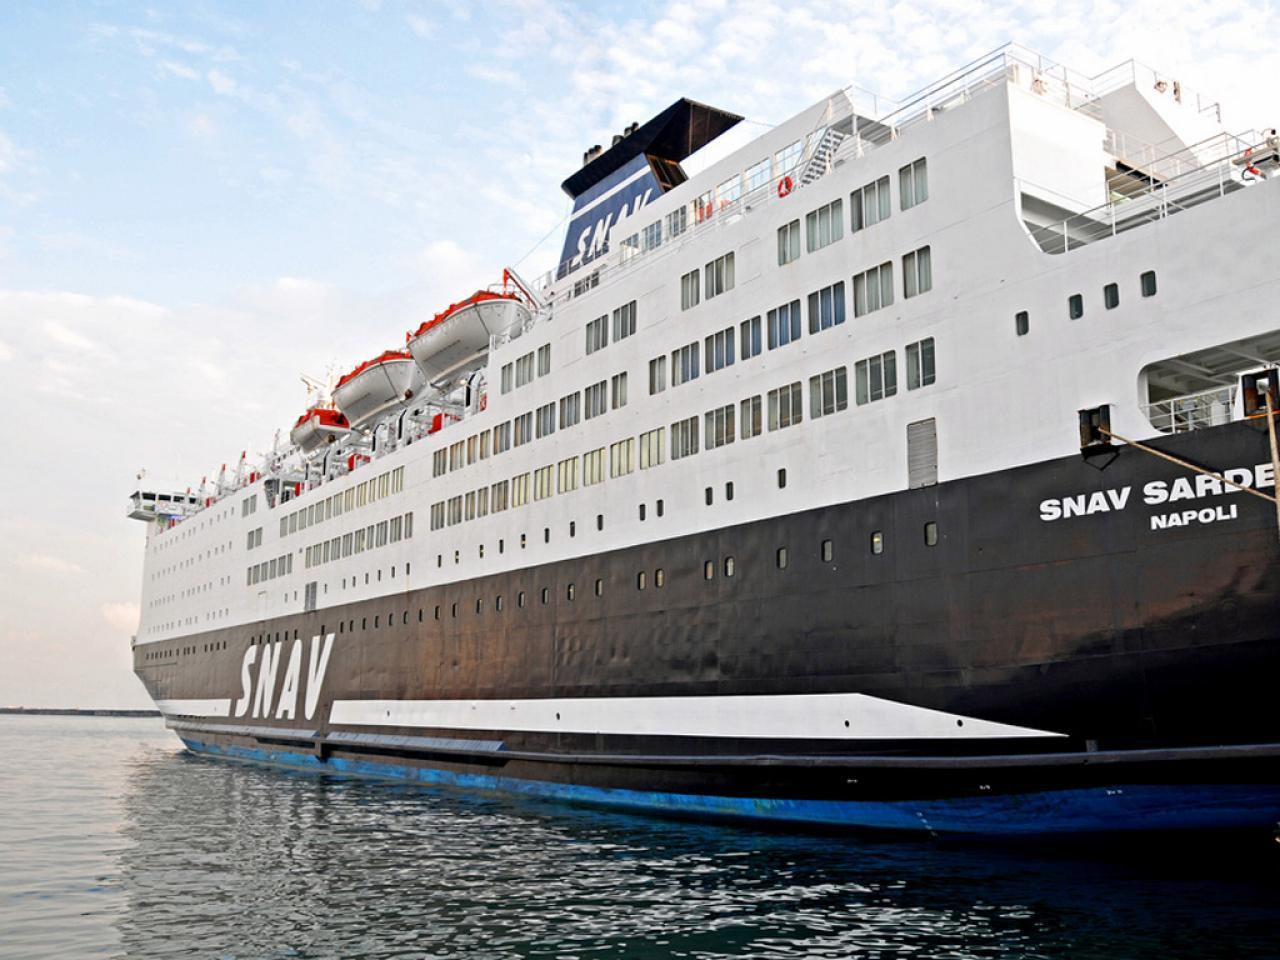 Book color line ferry - Snav Italian Ferry Company